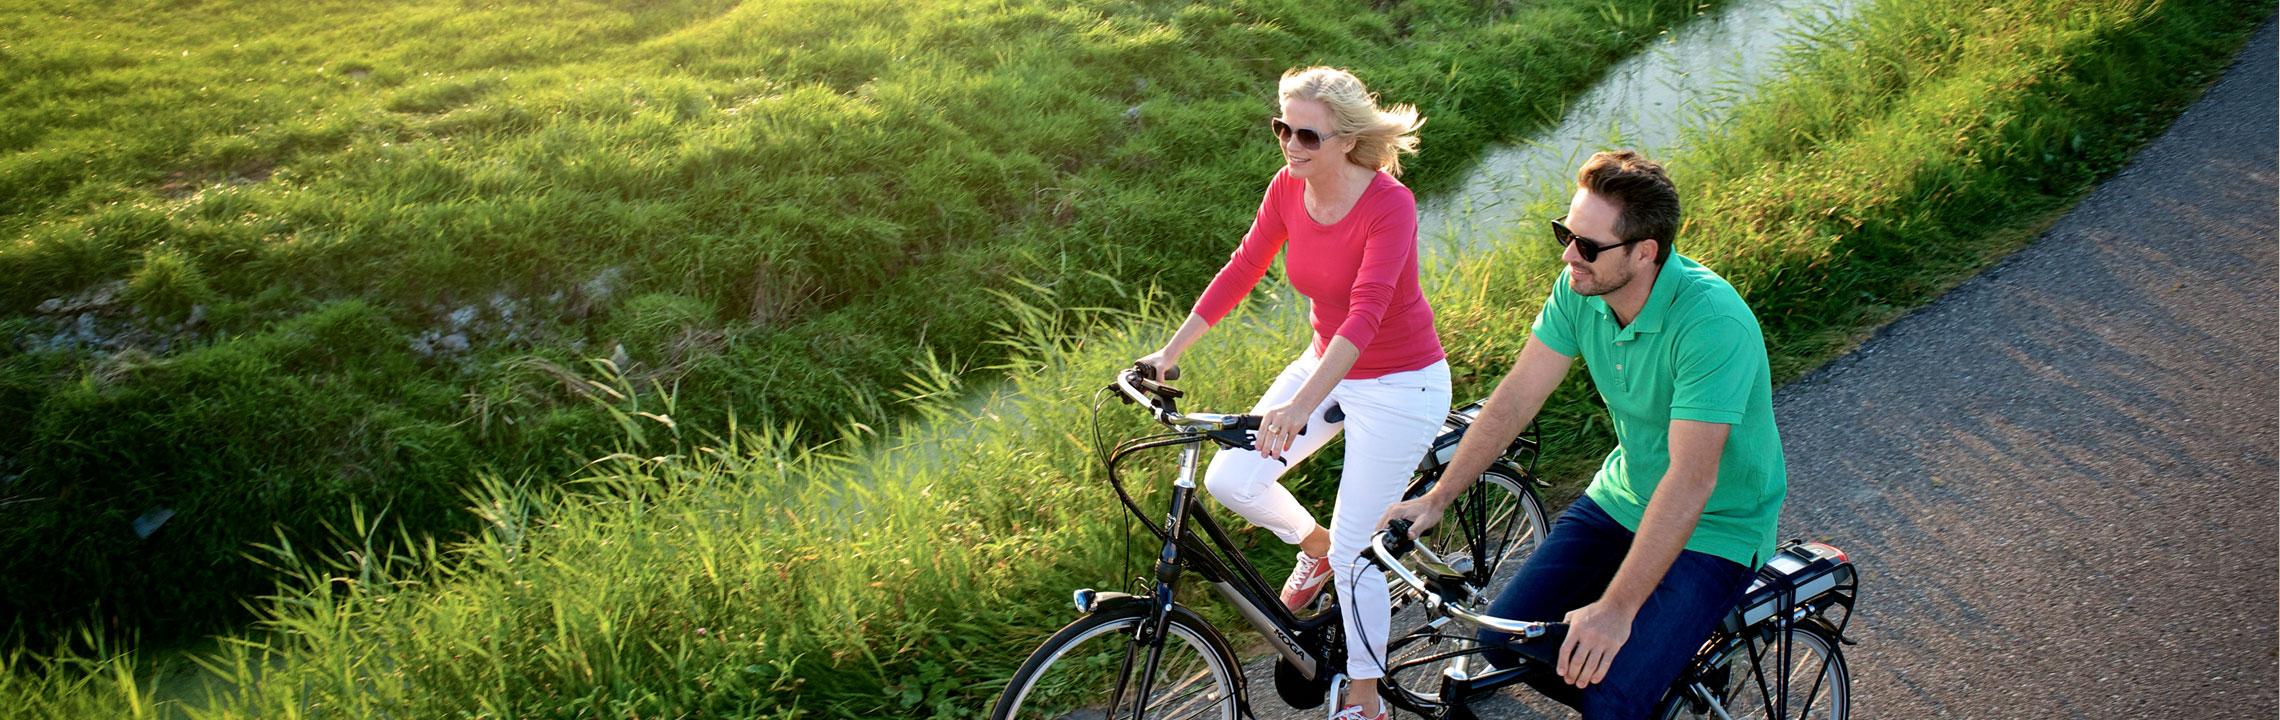 fietsverhuur2